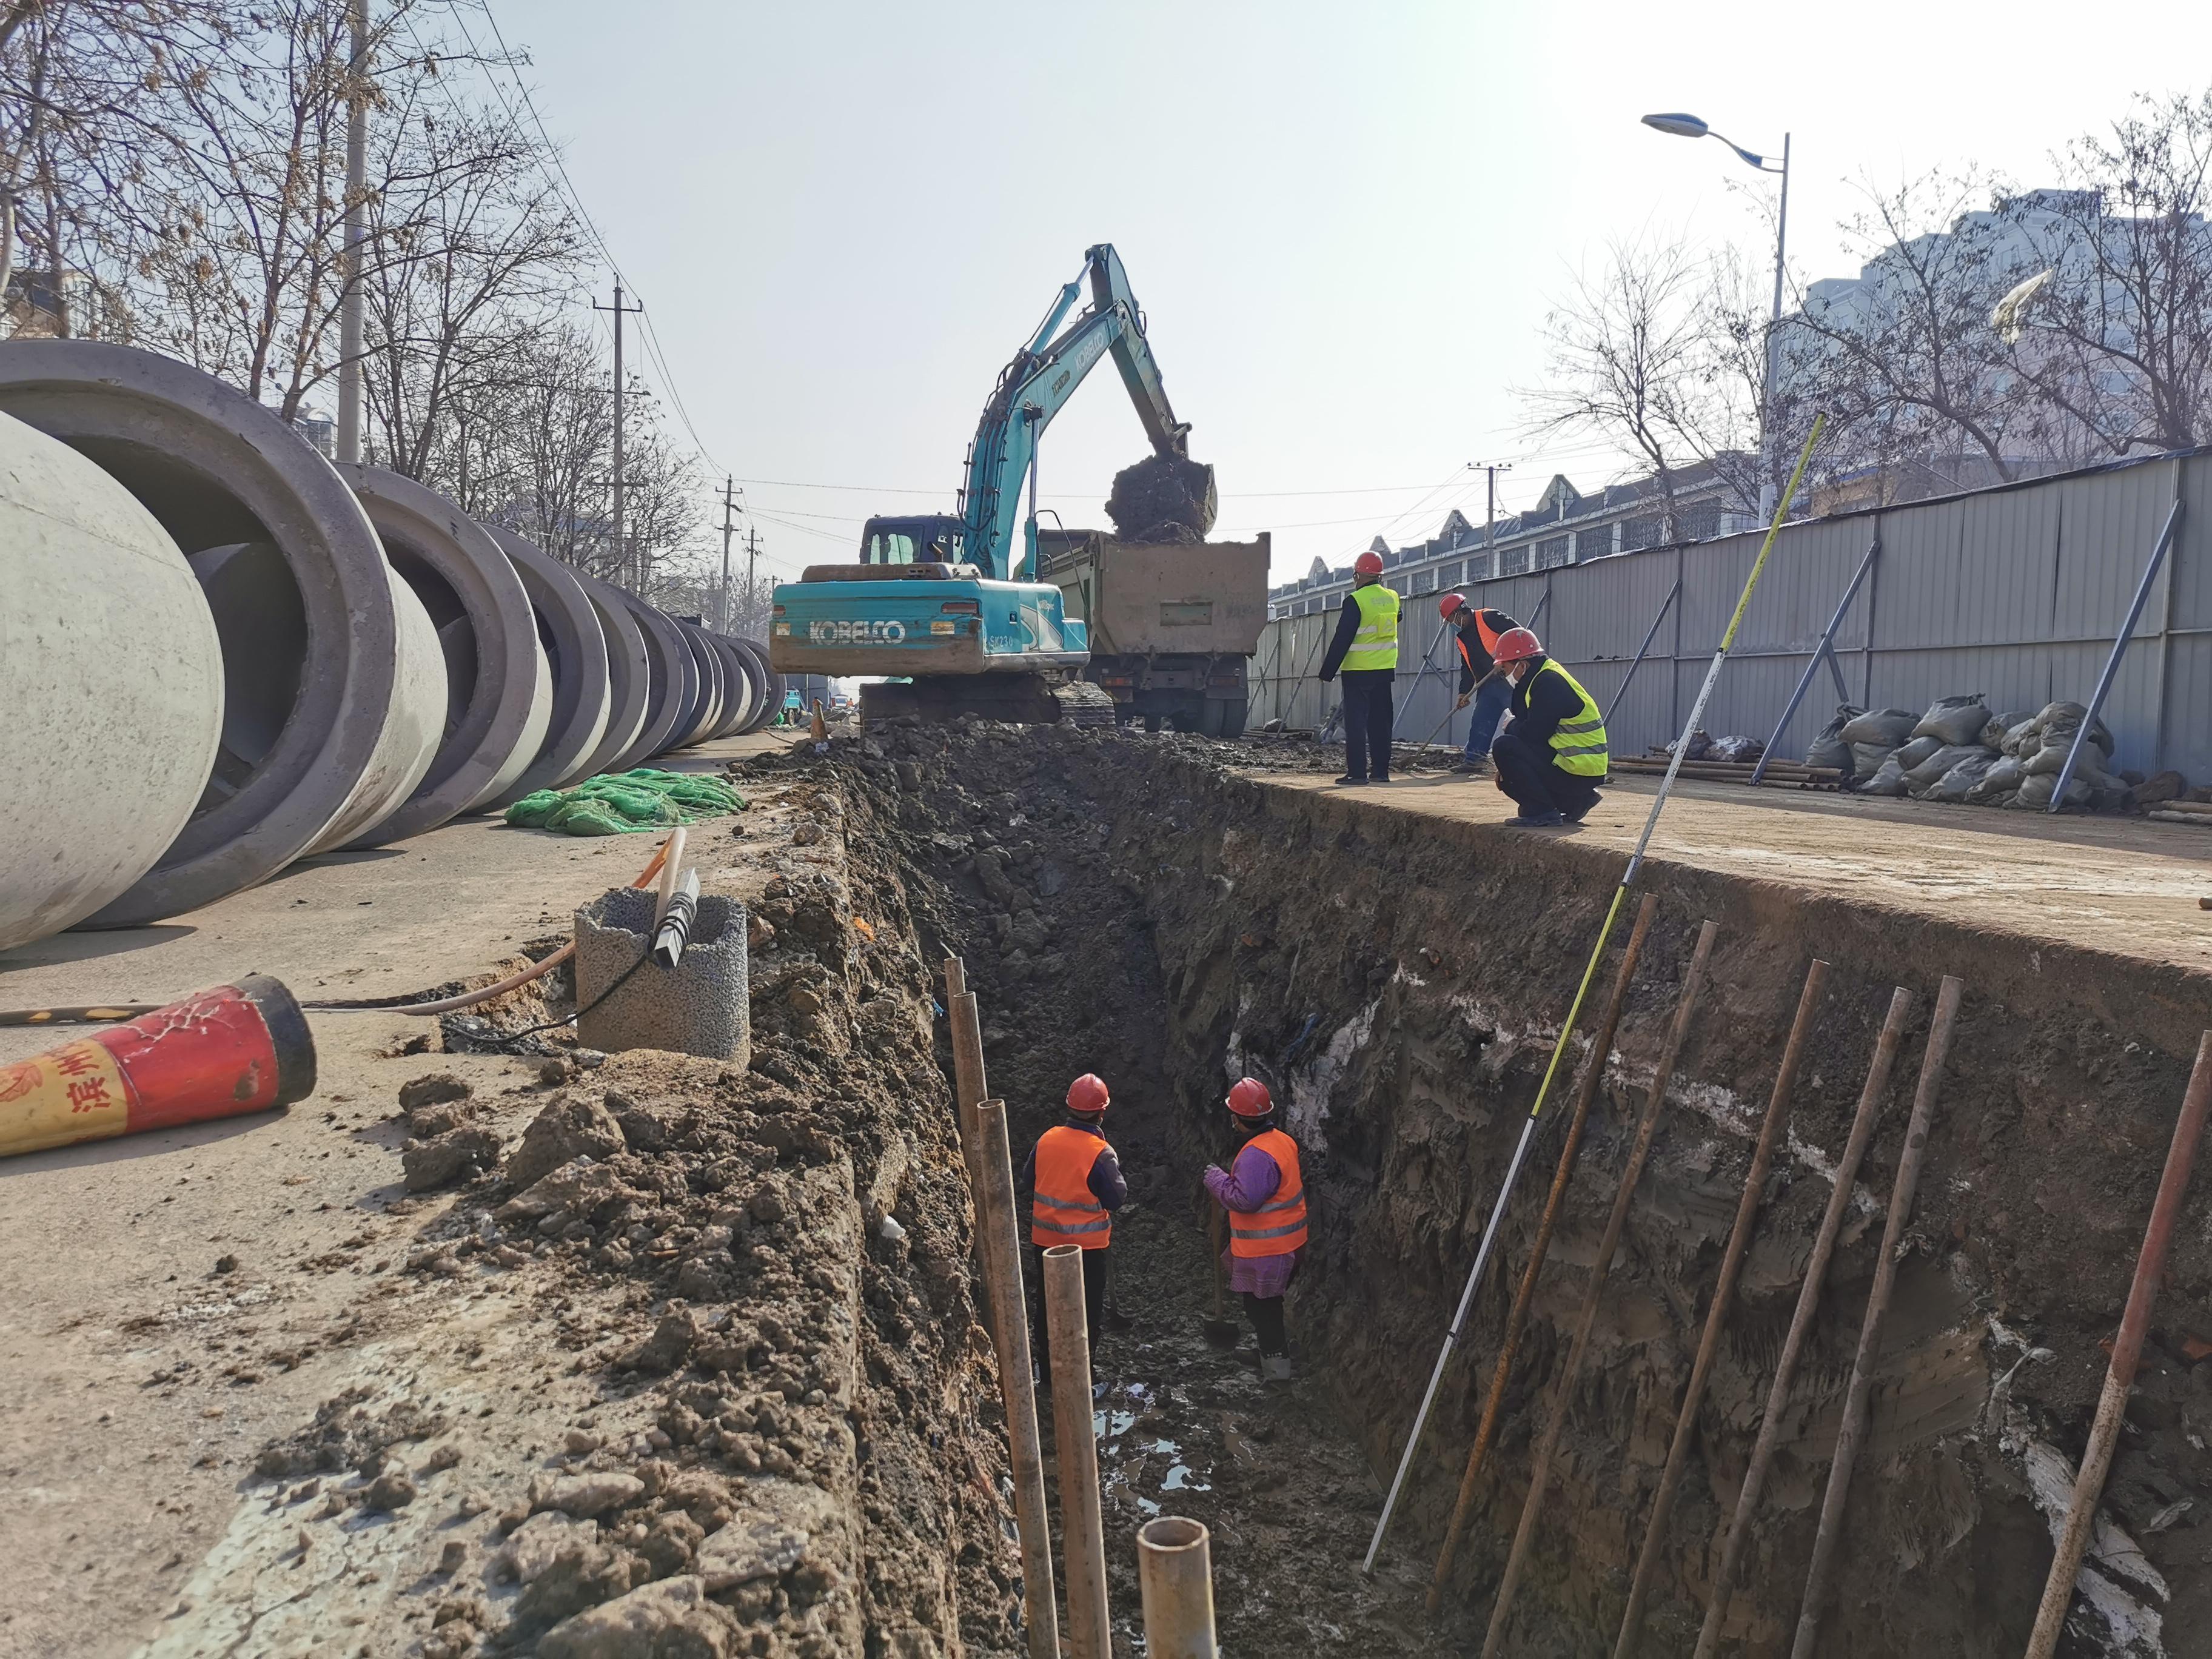 涉及16条路41个路口 滨州市三项工程全面开工建设